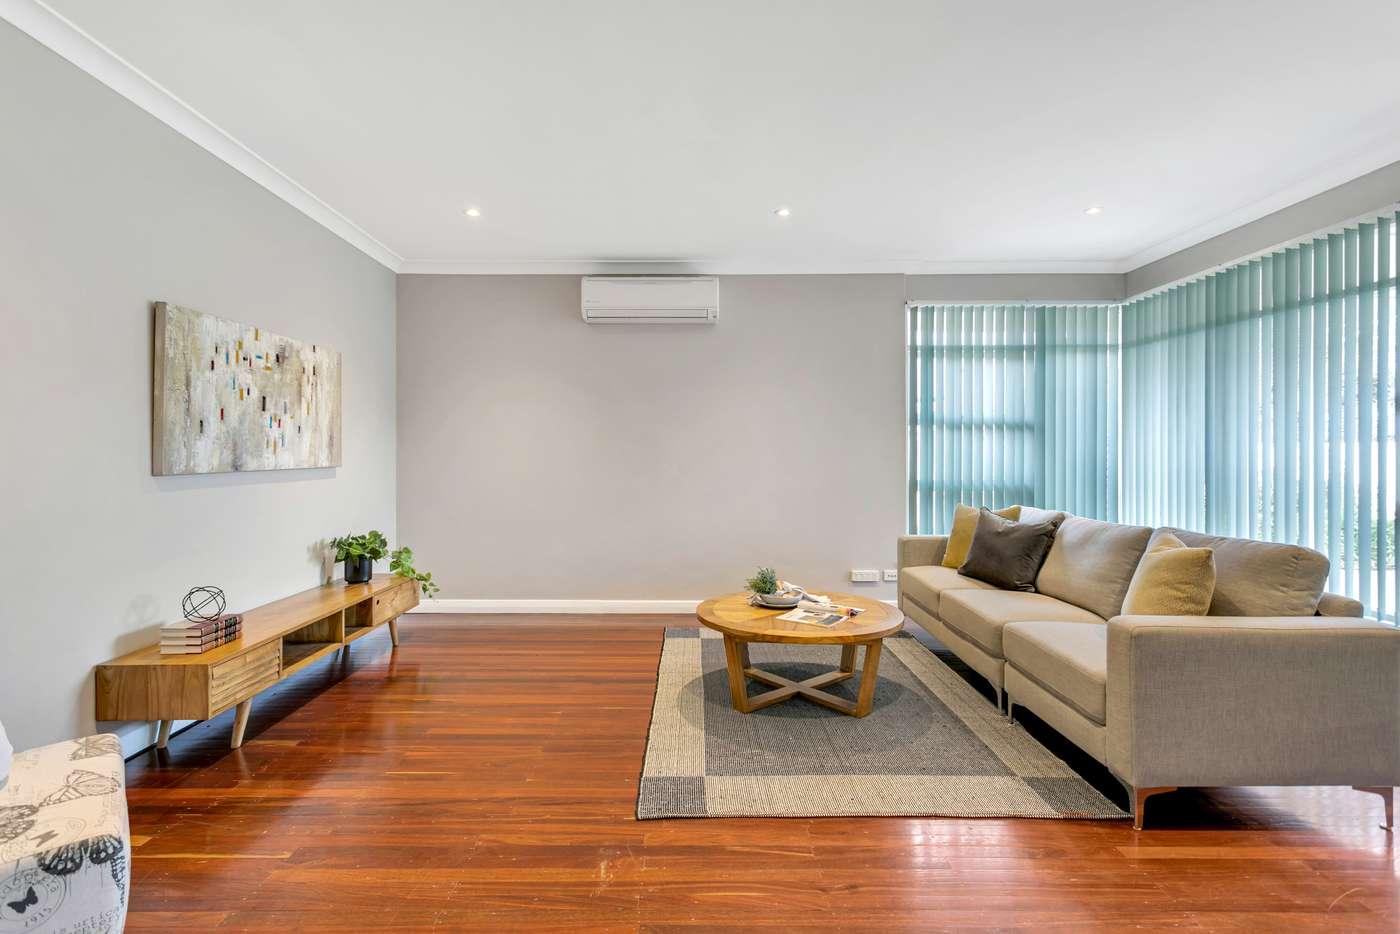 Main view of Homely house listing, 2 Louisa Street, Morphett Vale SA 5162